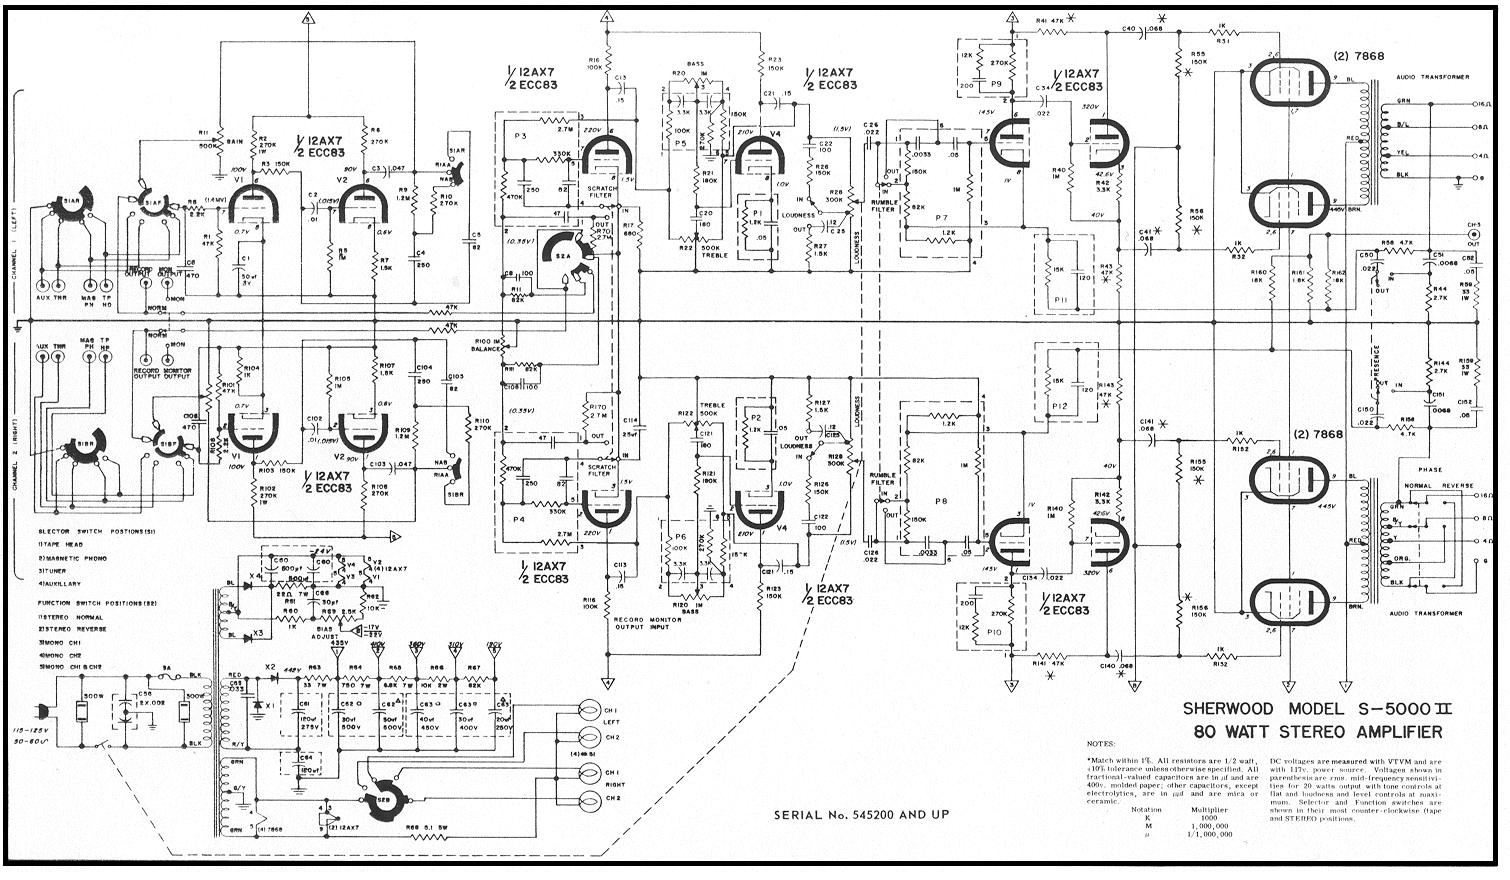 Sheerwood S-5000II, 7868PP